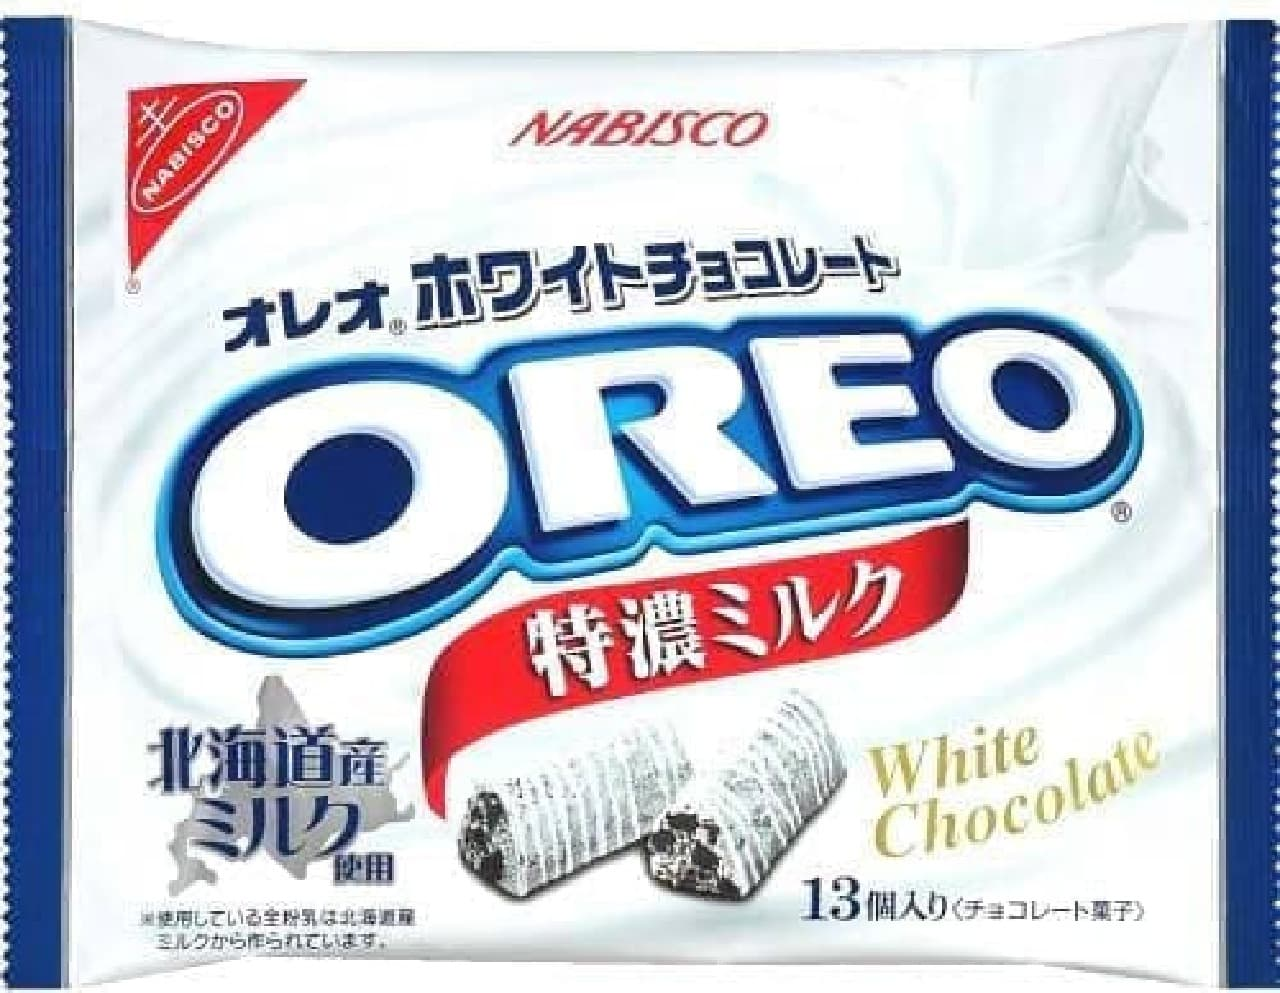 オレオがホワイトチョコでおめかし!